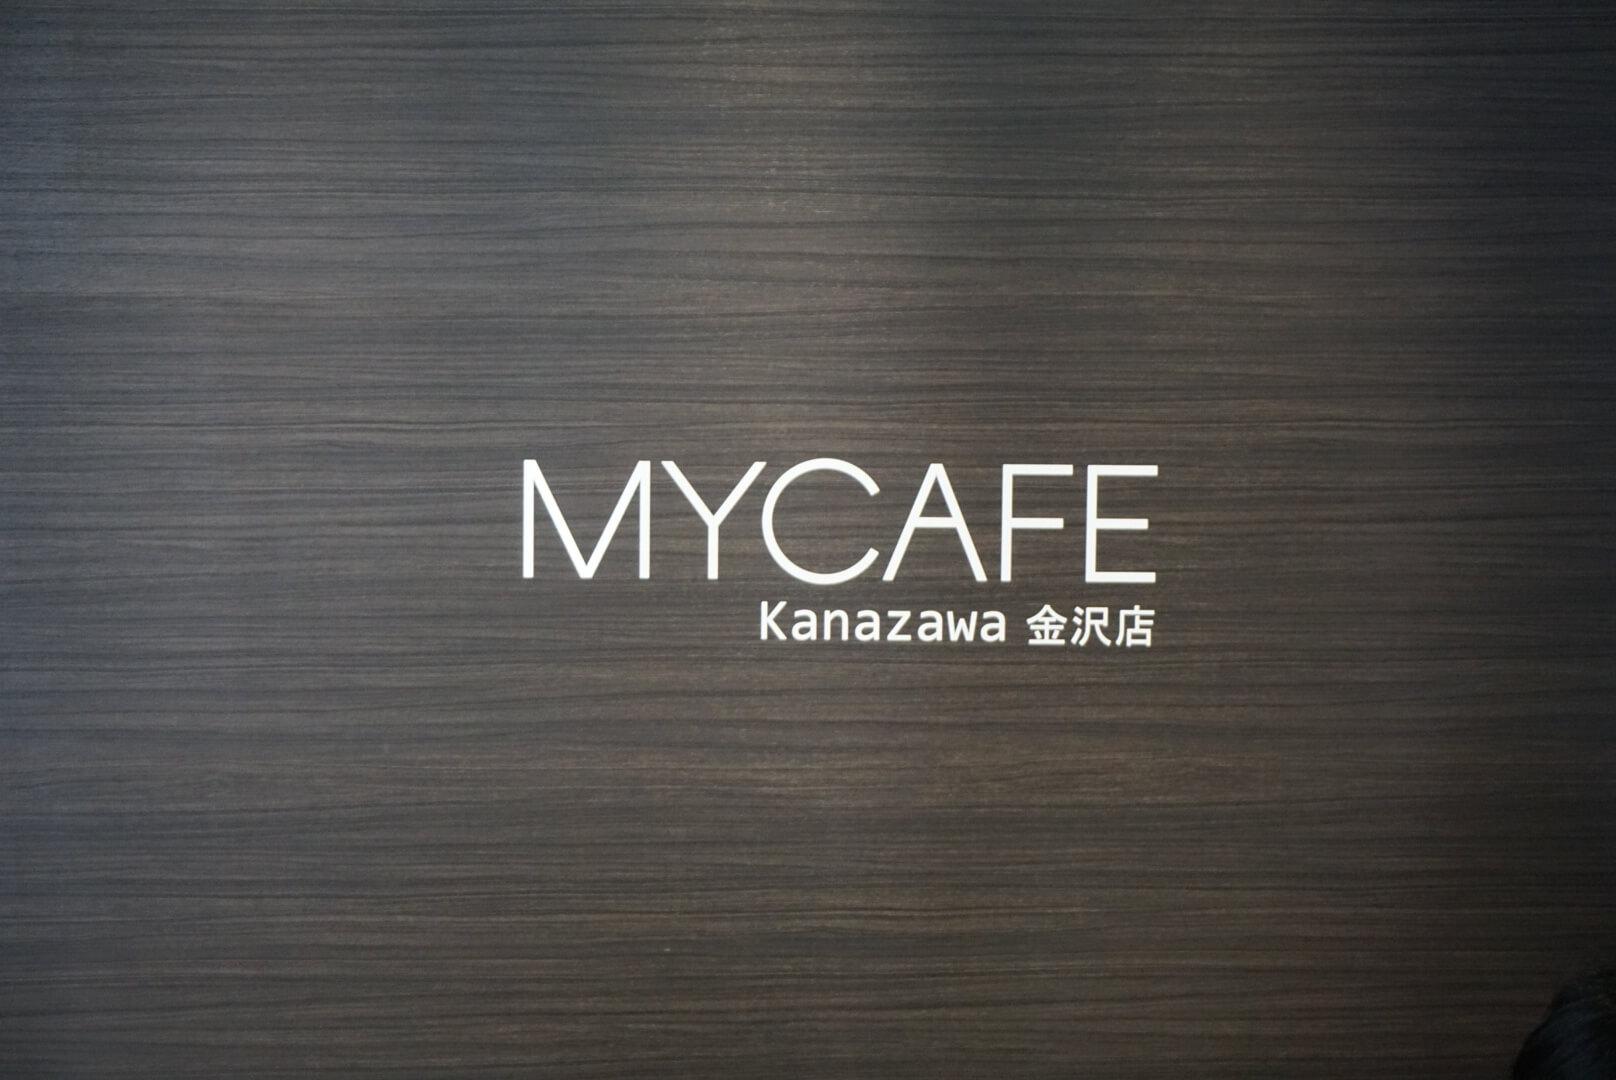 「 MYCAFE 金沢 」で1ヶ月コワーキング体験 !! コワーキング・スペースは仕事場として本当に使えるのか ?! 徹底検証 !!